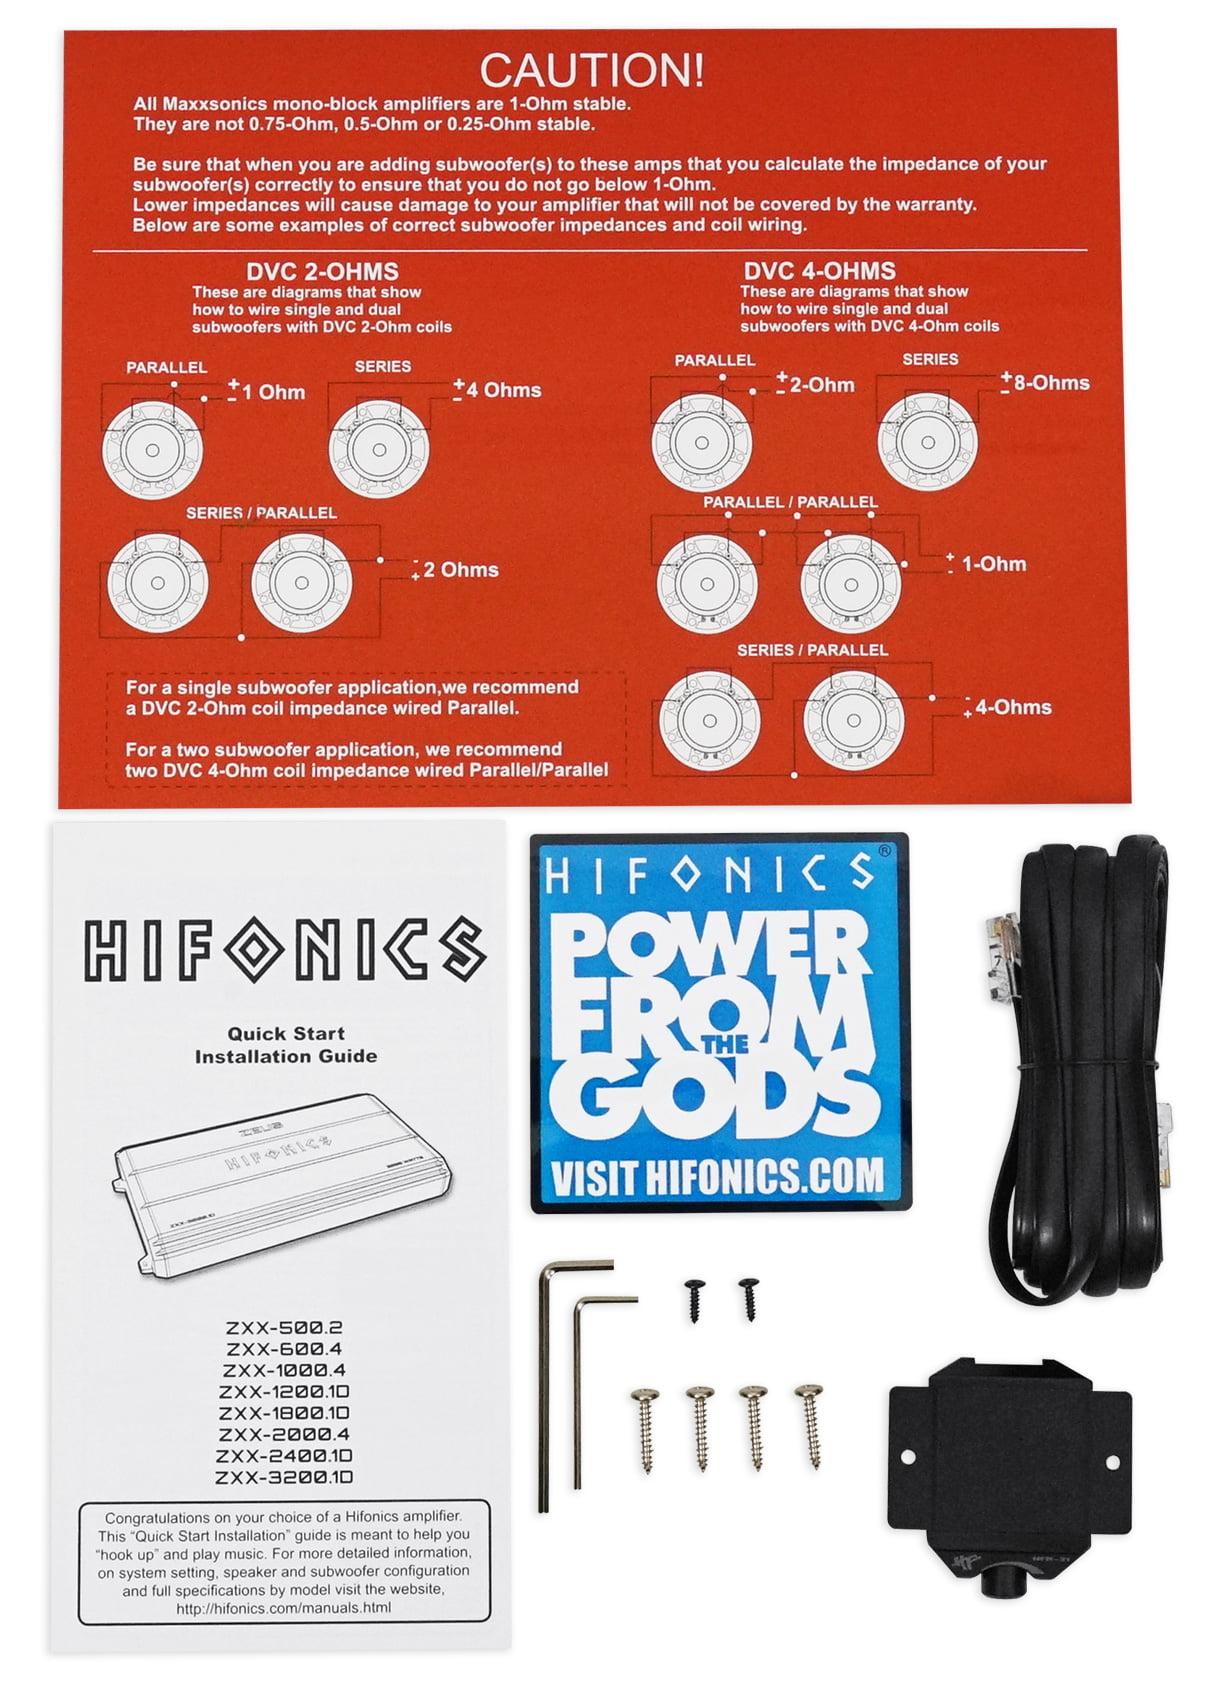 Hifonics Zeus Zxx 12001d 1200w Mono Block Class D Car Audio Wiring A Stable Amplifier Amp Kit